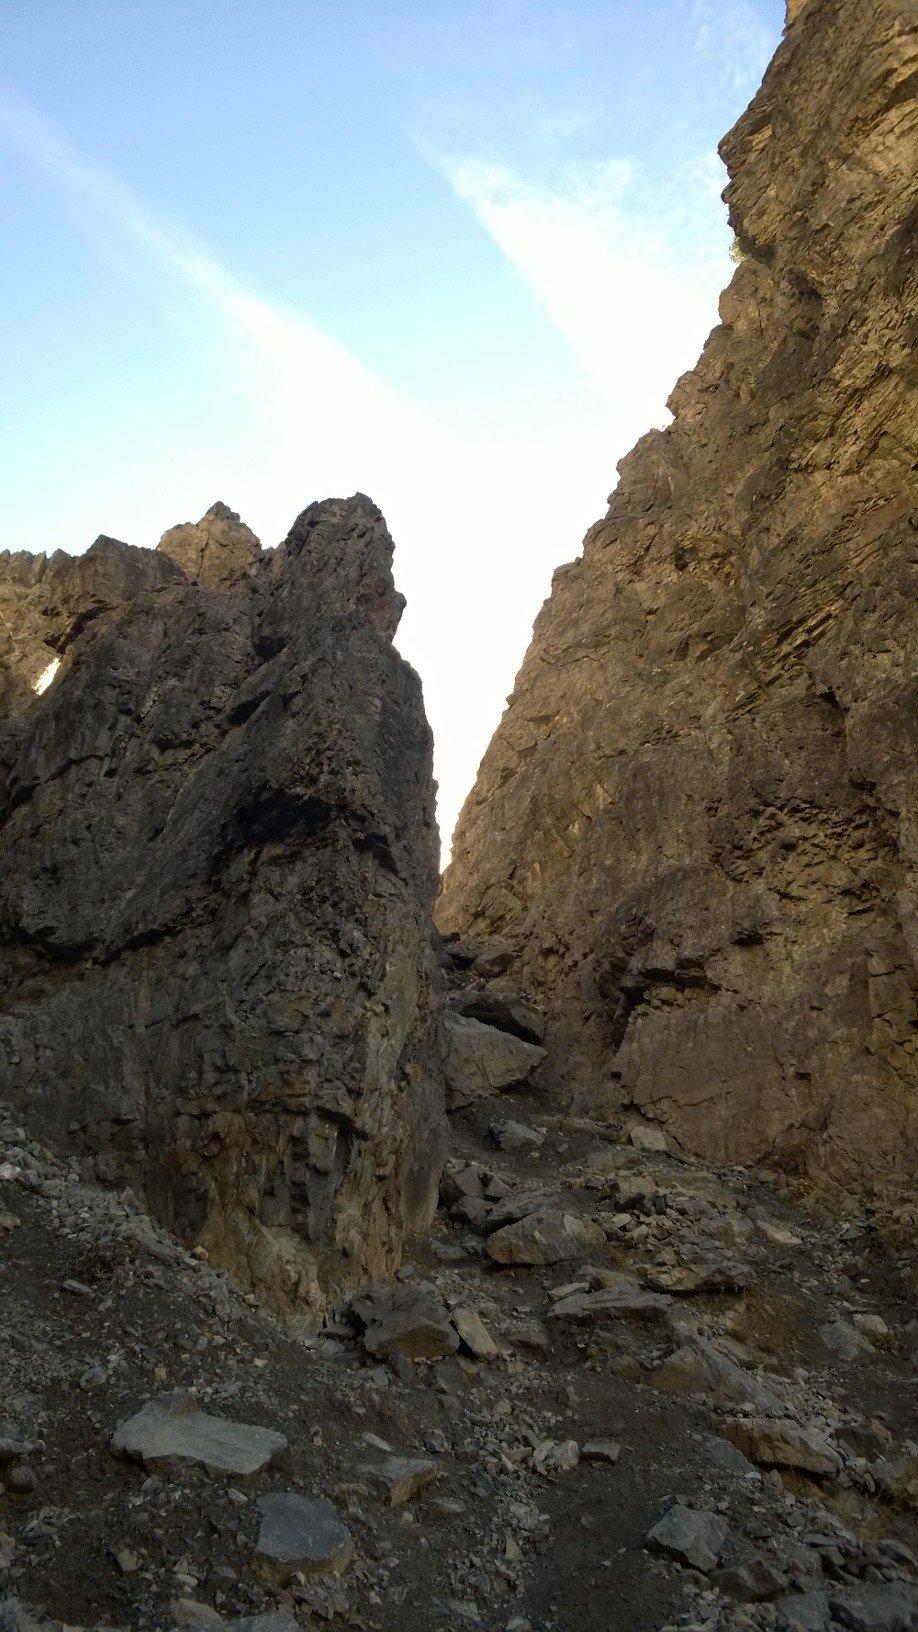 L'inizio della cresta, sulla destra